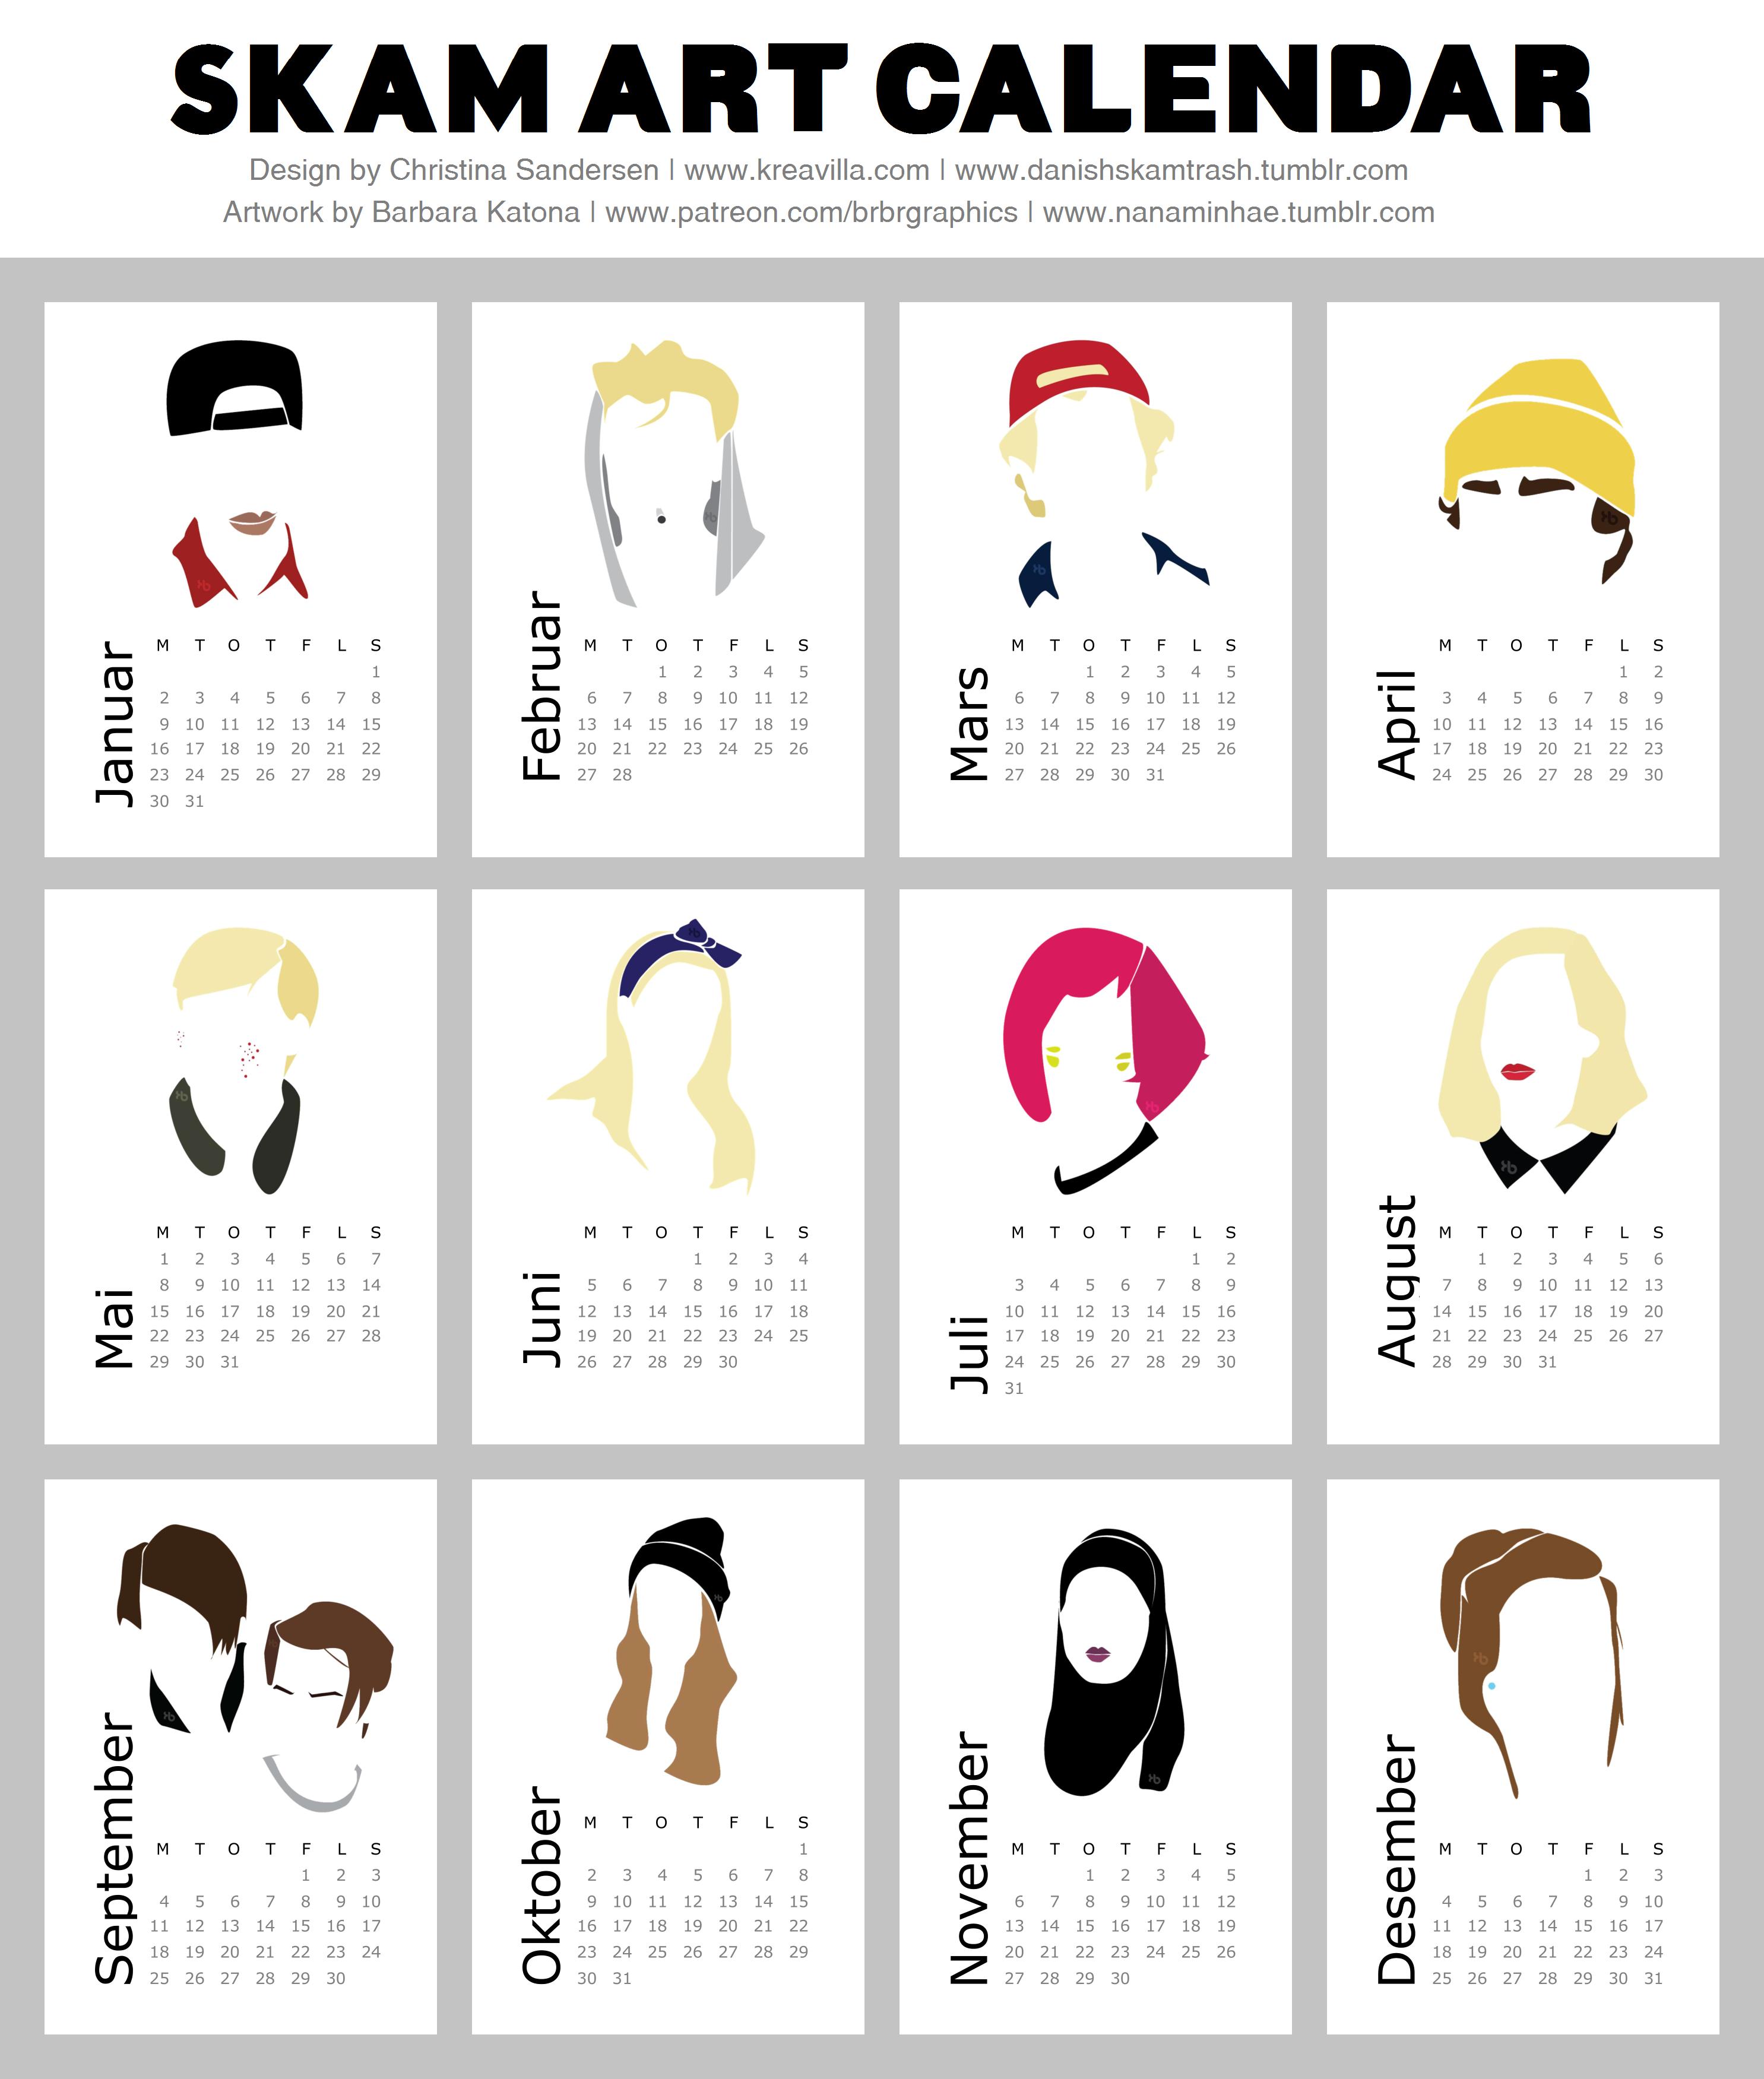 Art Calendar Book : Skam art calendar ♦series♦ pinterest